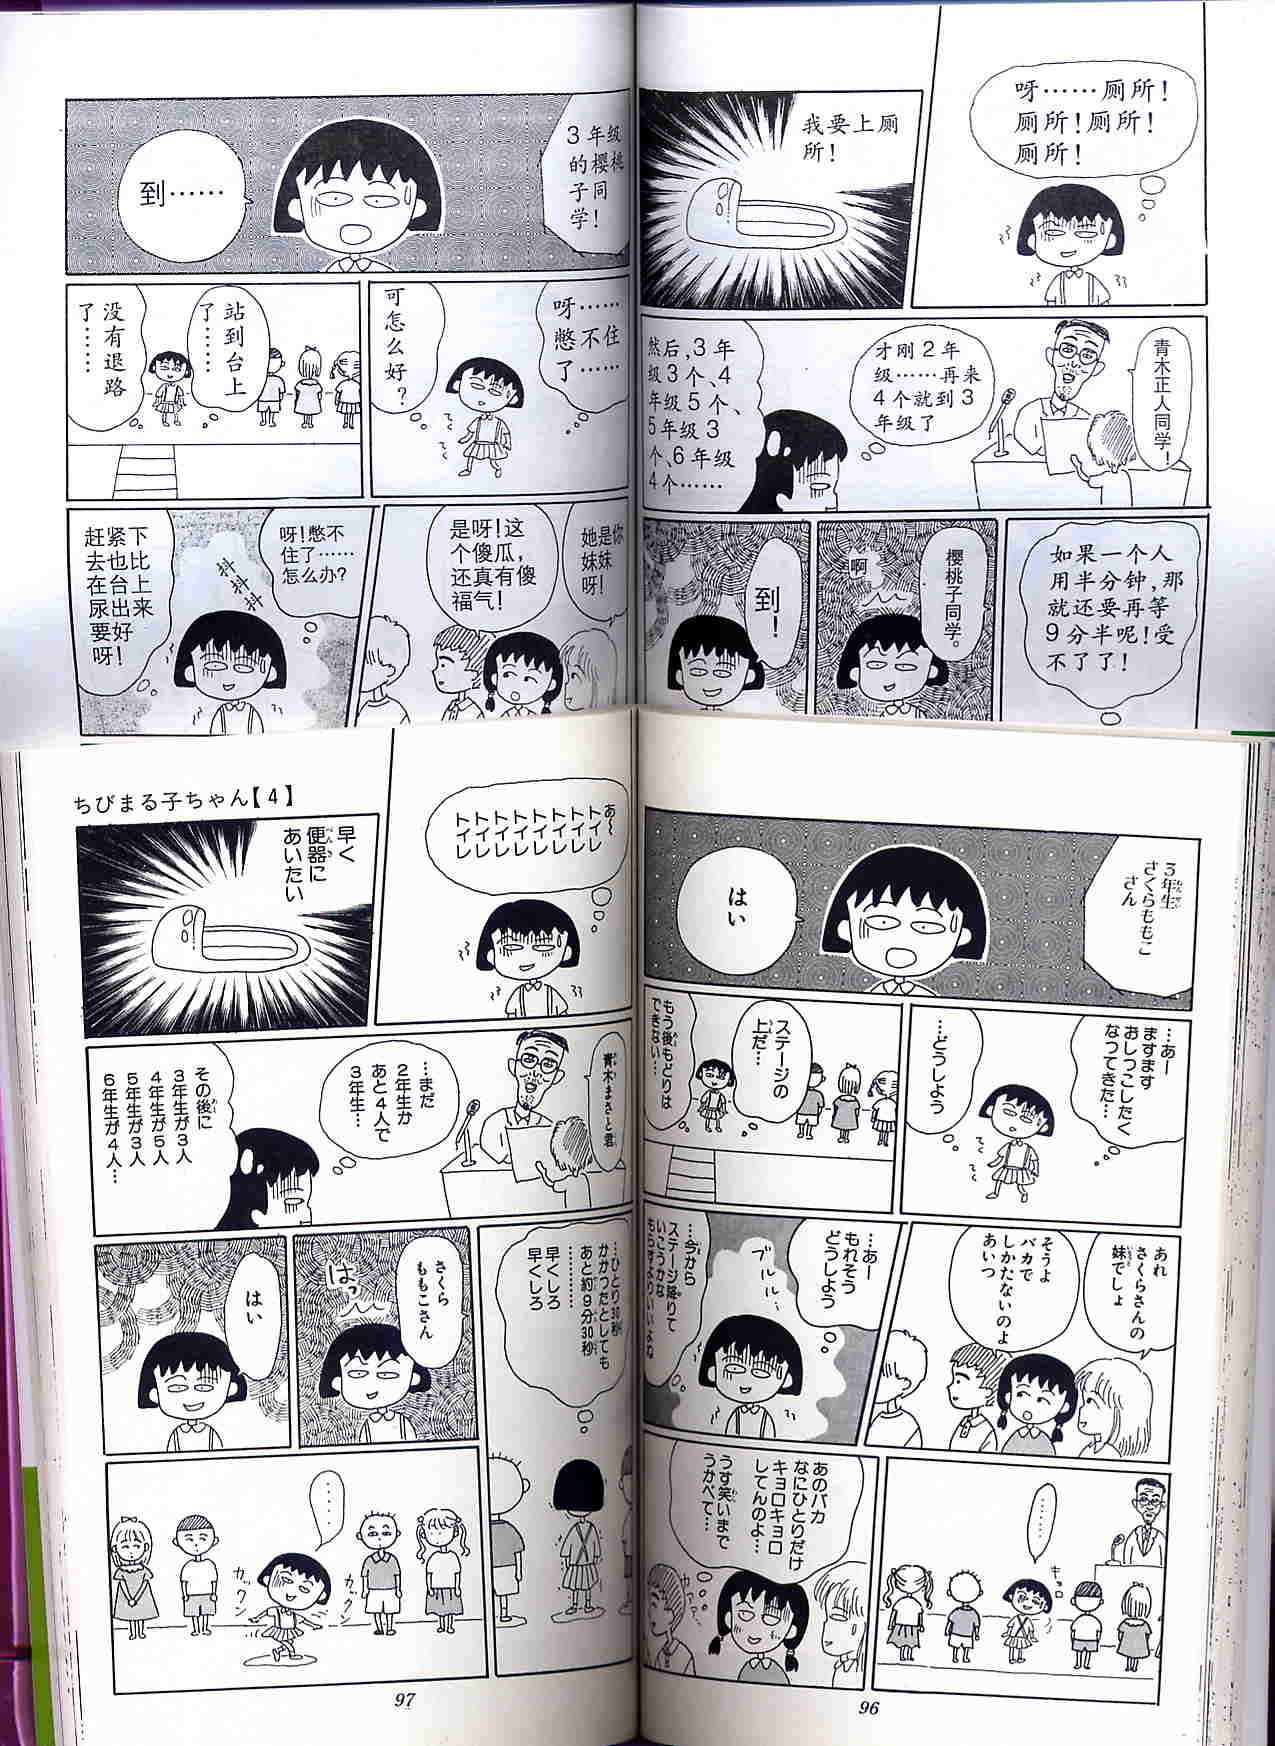 中国語ビジネス単語集&ネットショップ_e0030723_1582168.jpg